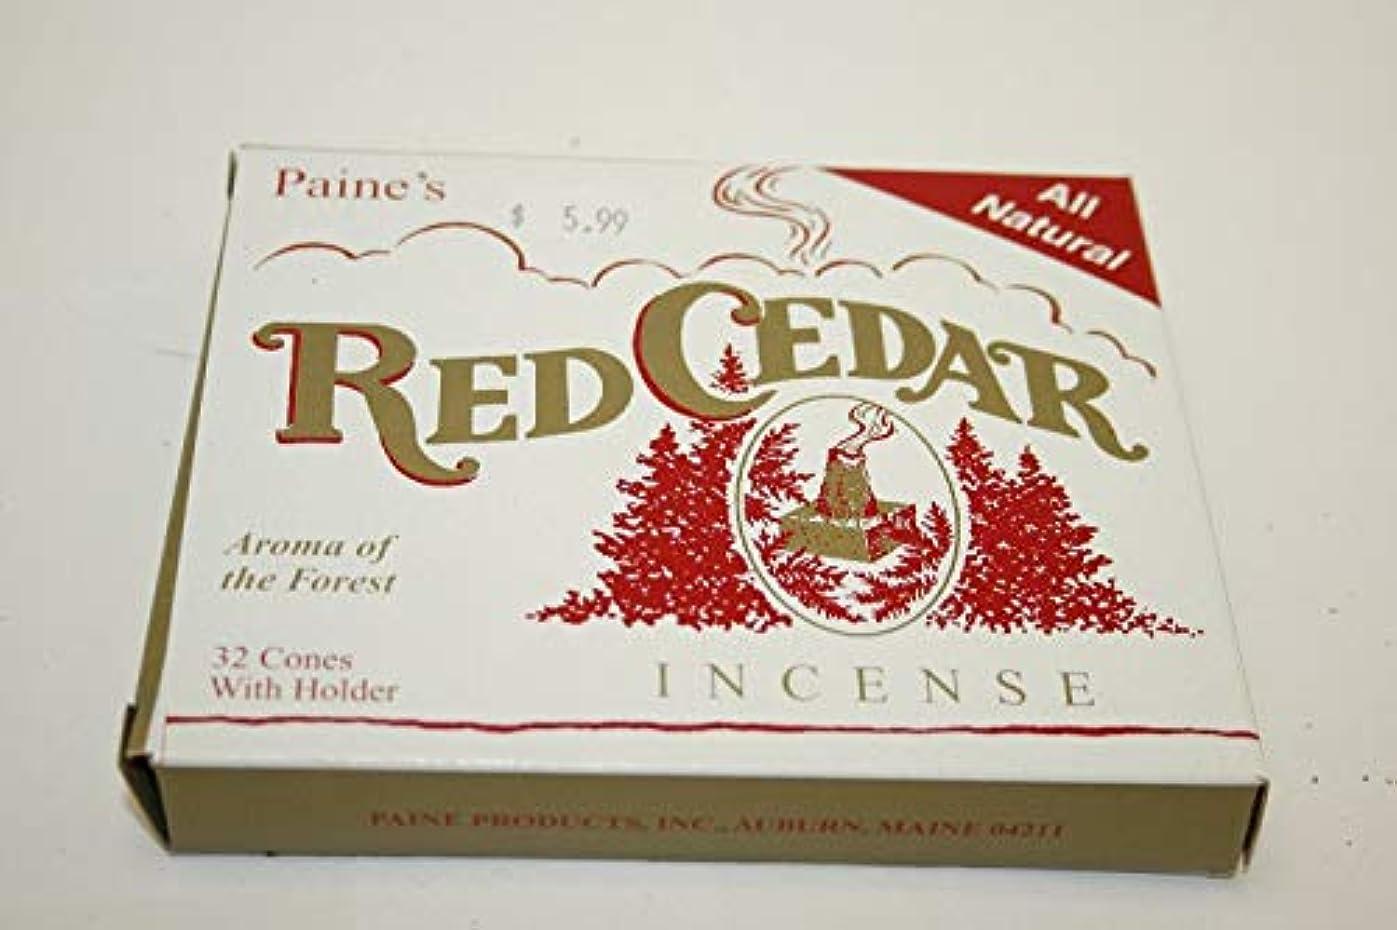 縞模様の酔う変化Incense & Burner Comes with 32 RED Cedar Cones to Burn Wood Holder Lodge Style